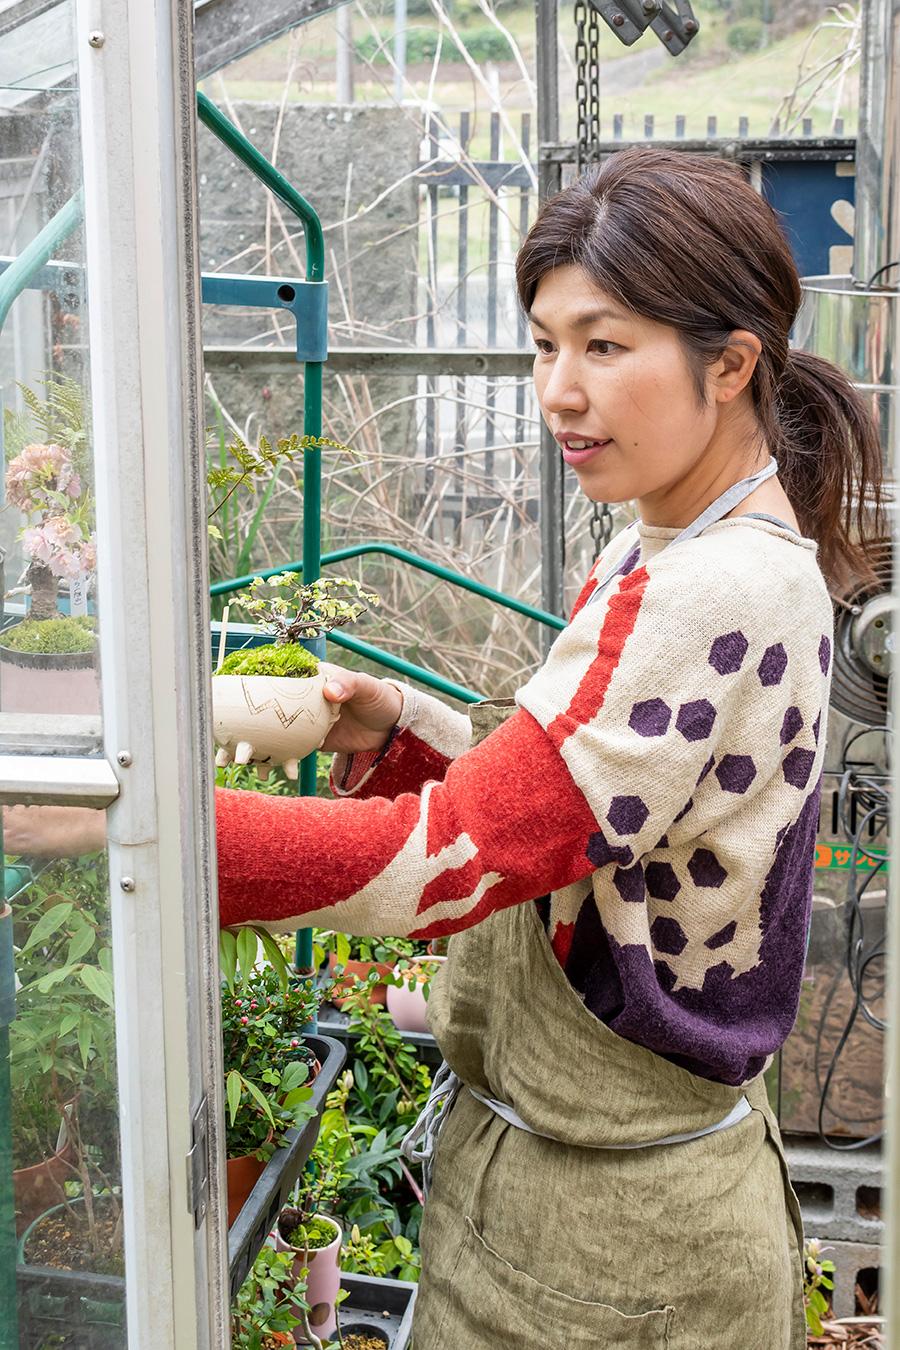 苔玉とミニ盆栽のお店「緑庵-midorian-」の幸加木菊恵さん。ネットでも完成品を販売するほか、ワークショップも開催。